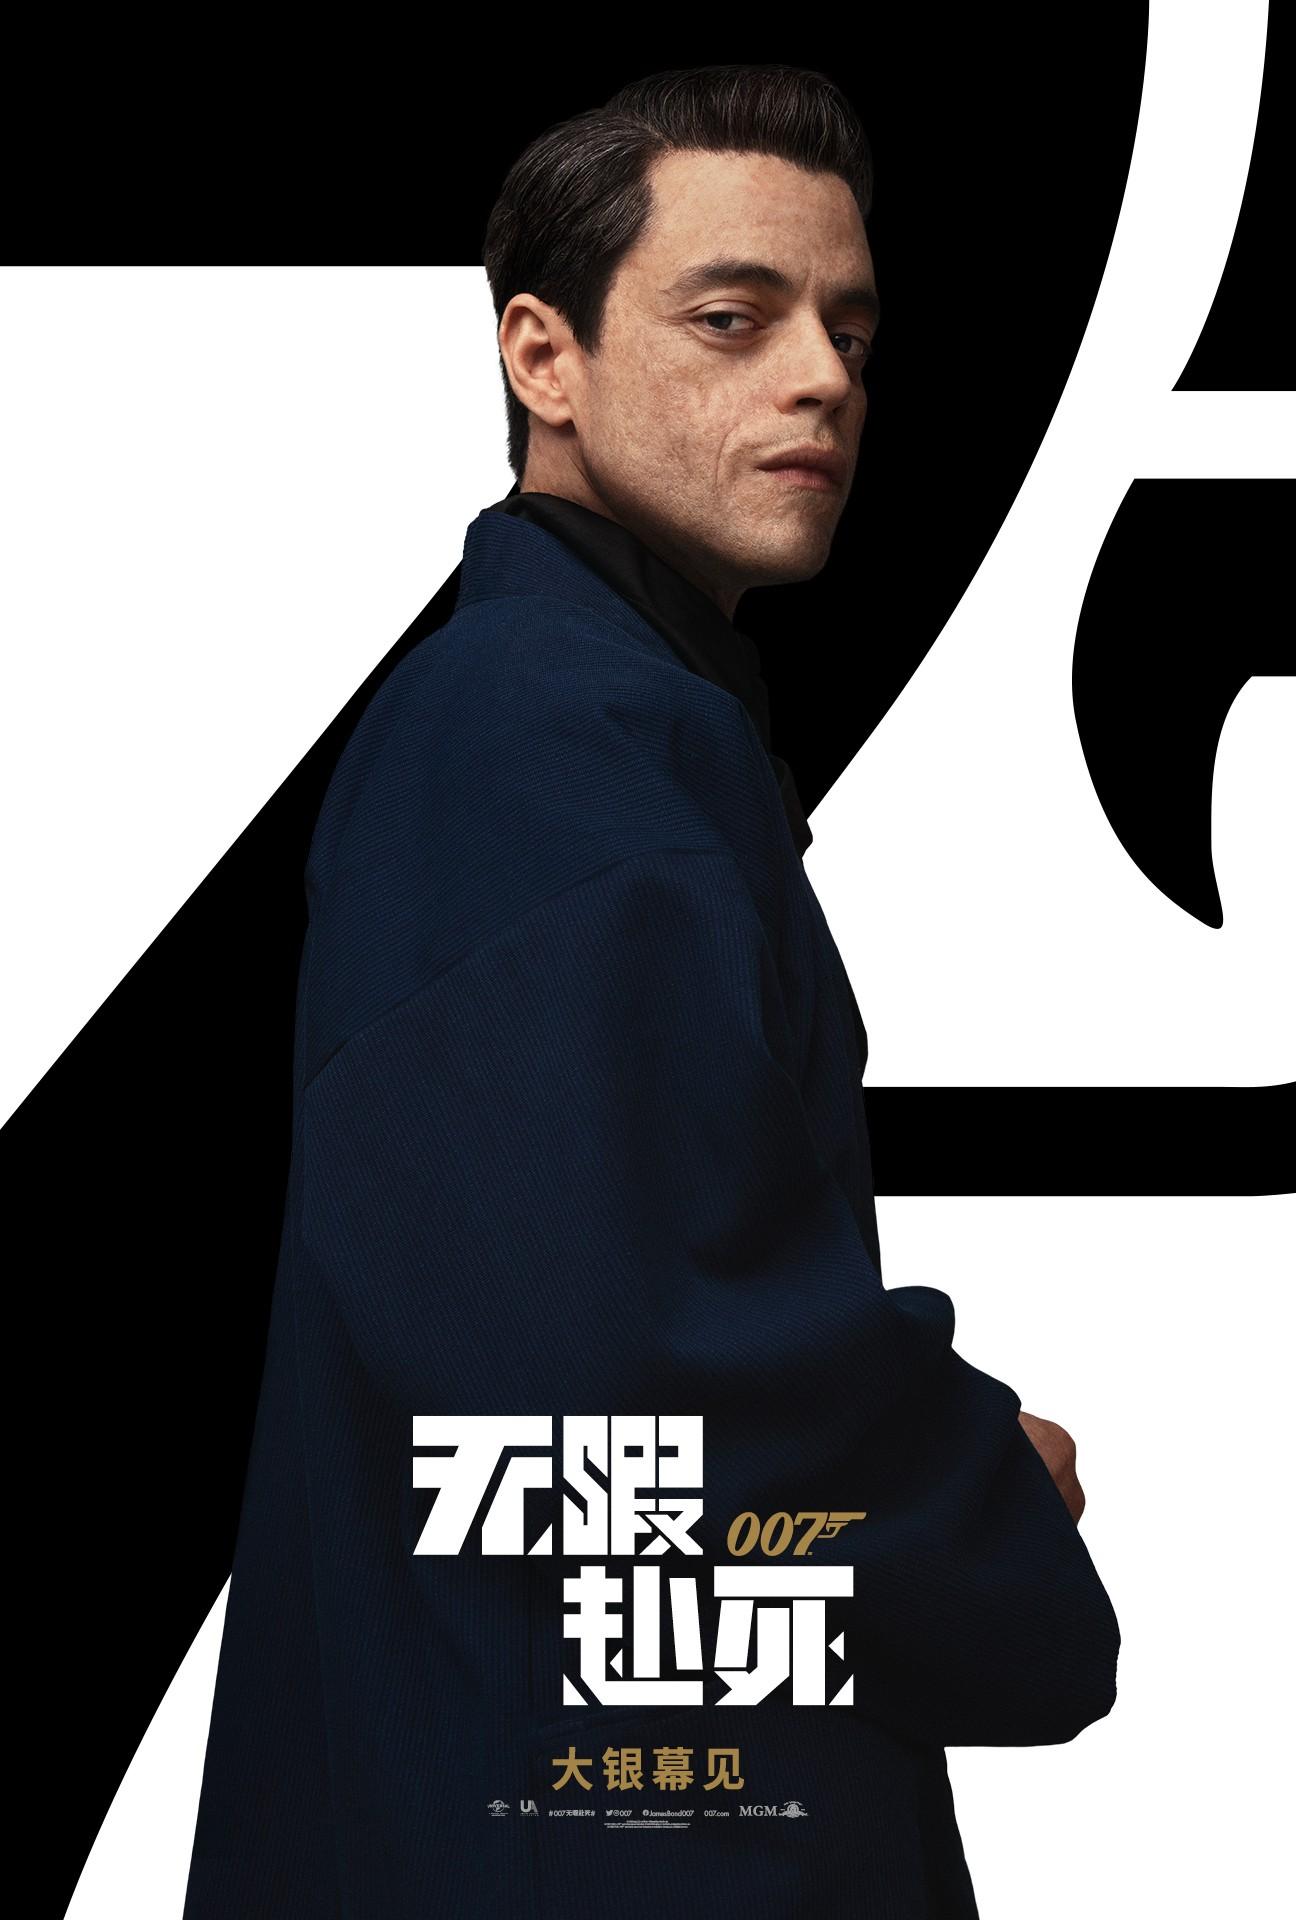 【007:无暇赴死】电影百度云(hd高清)网盘【1280P中字】完整资源已分享